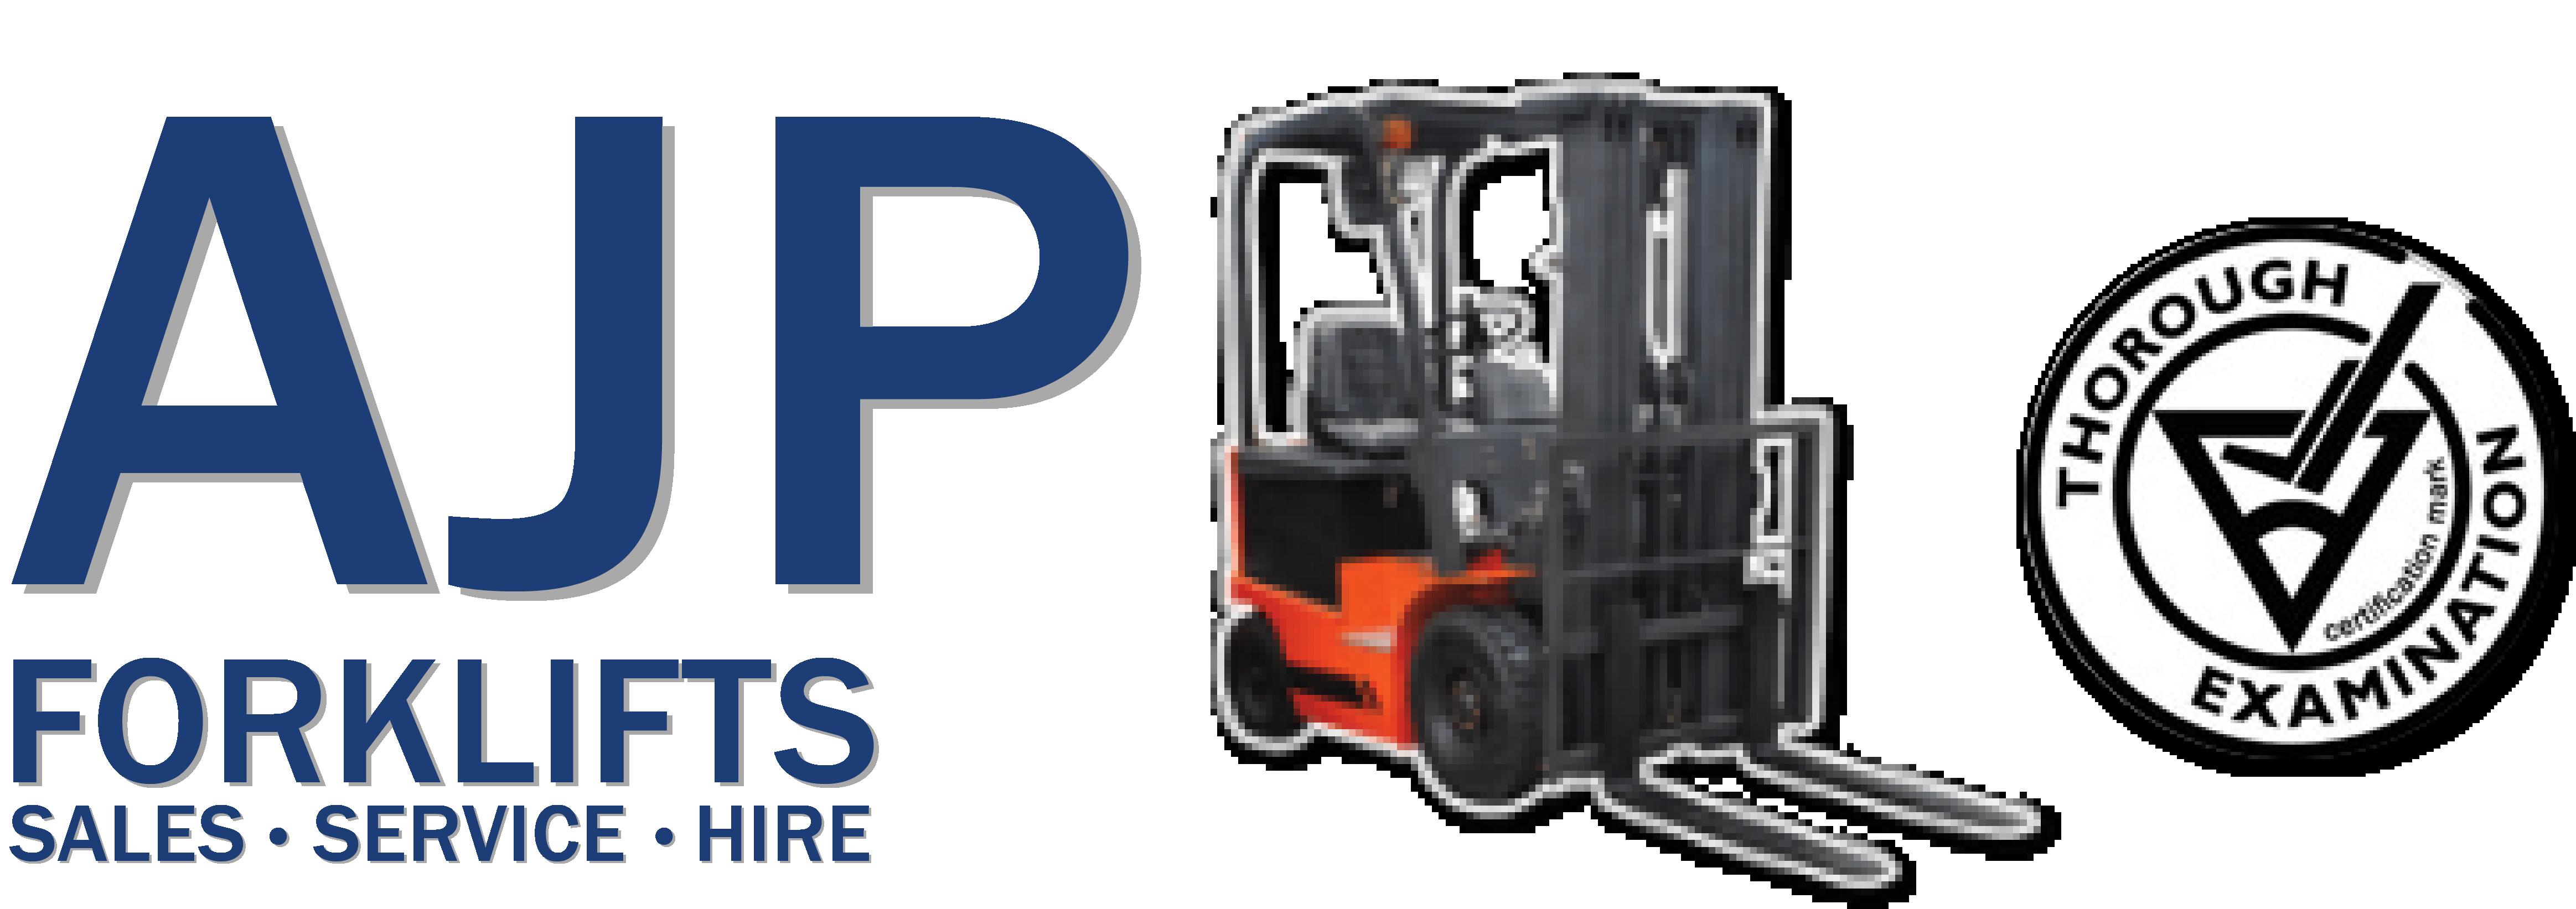 Forklift company | AJP Forklifts Ltd